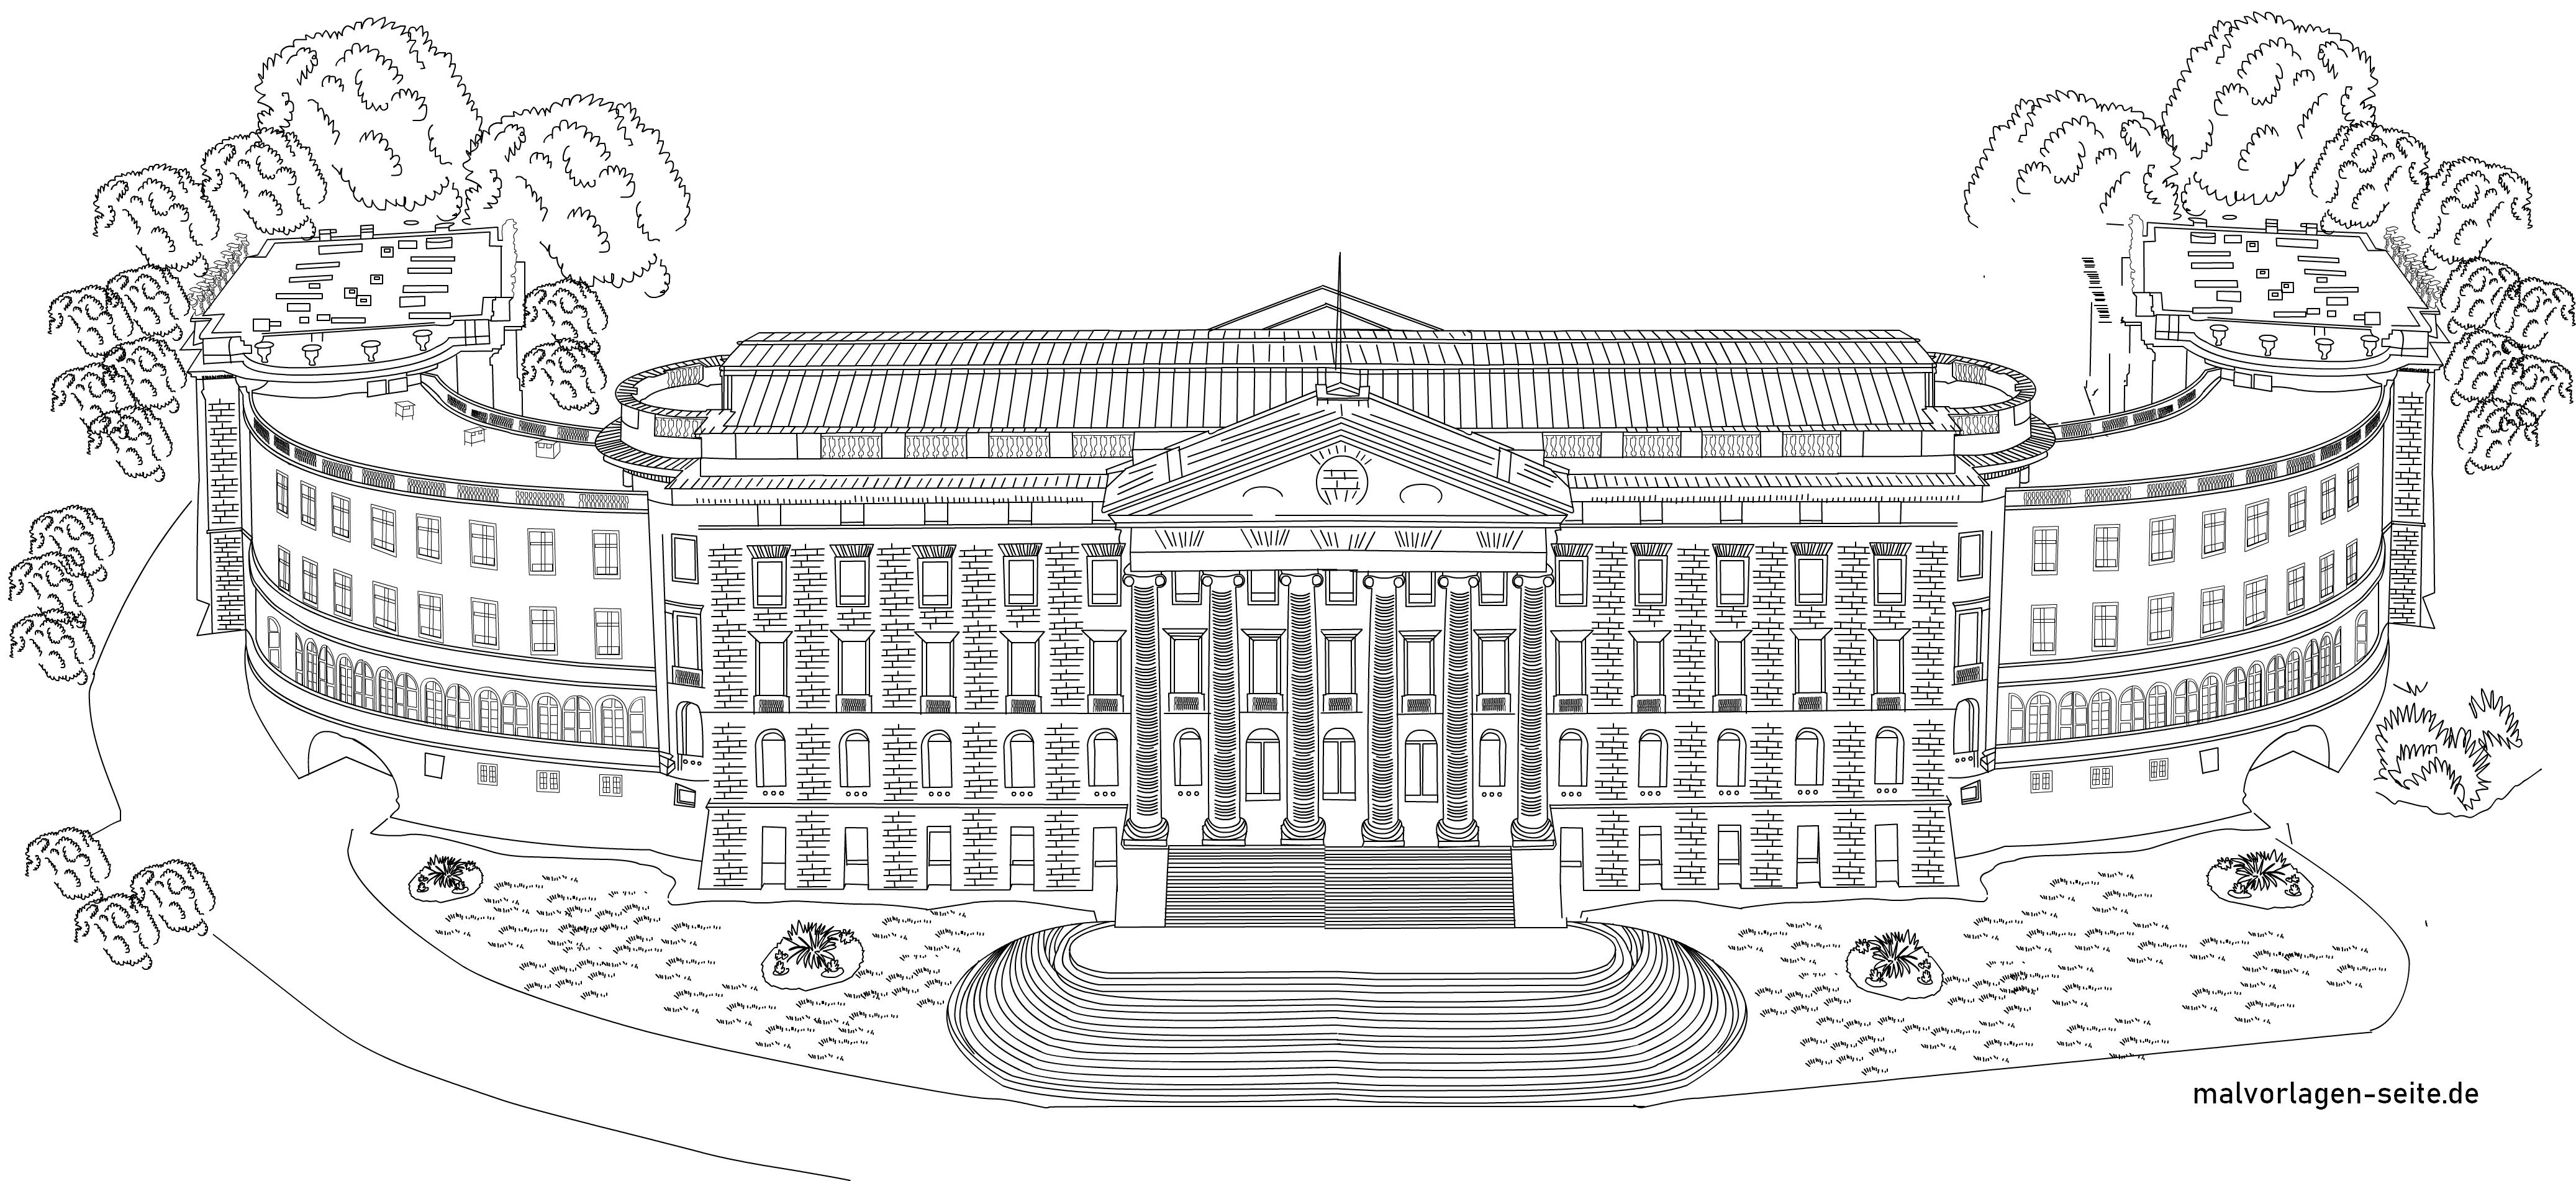 Malvorlage Schloss Wilhelmshöhe in Kassel zum Ausmalen